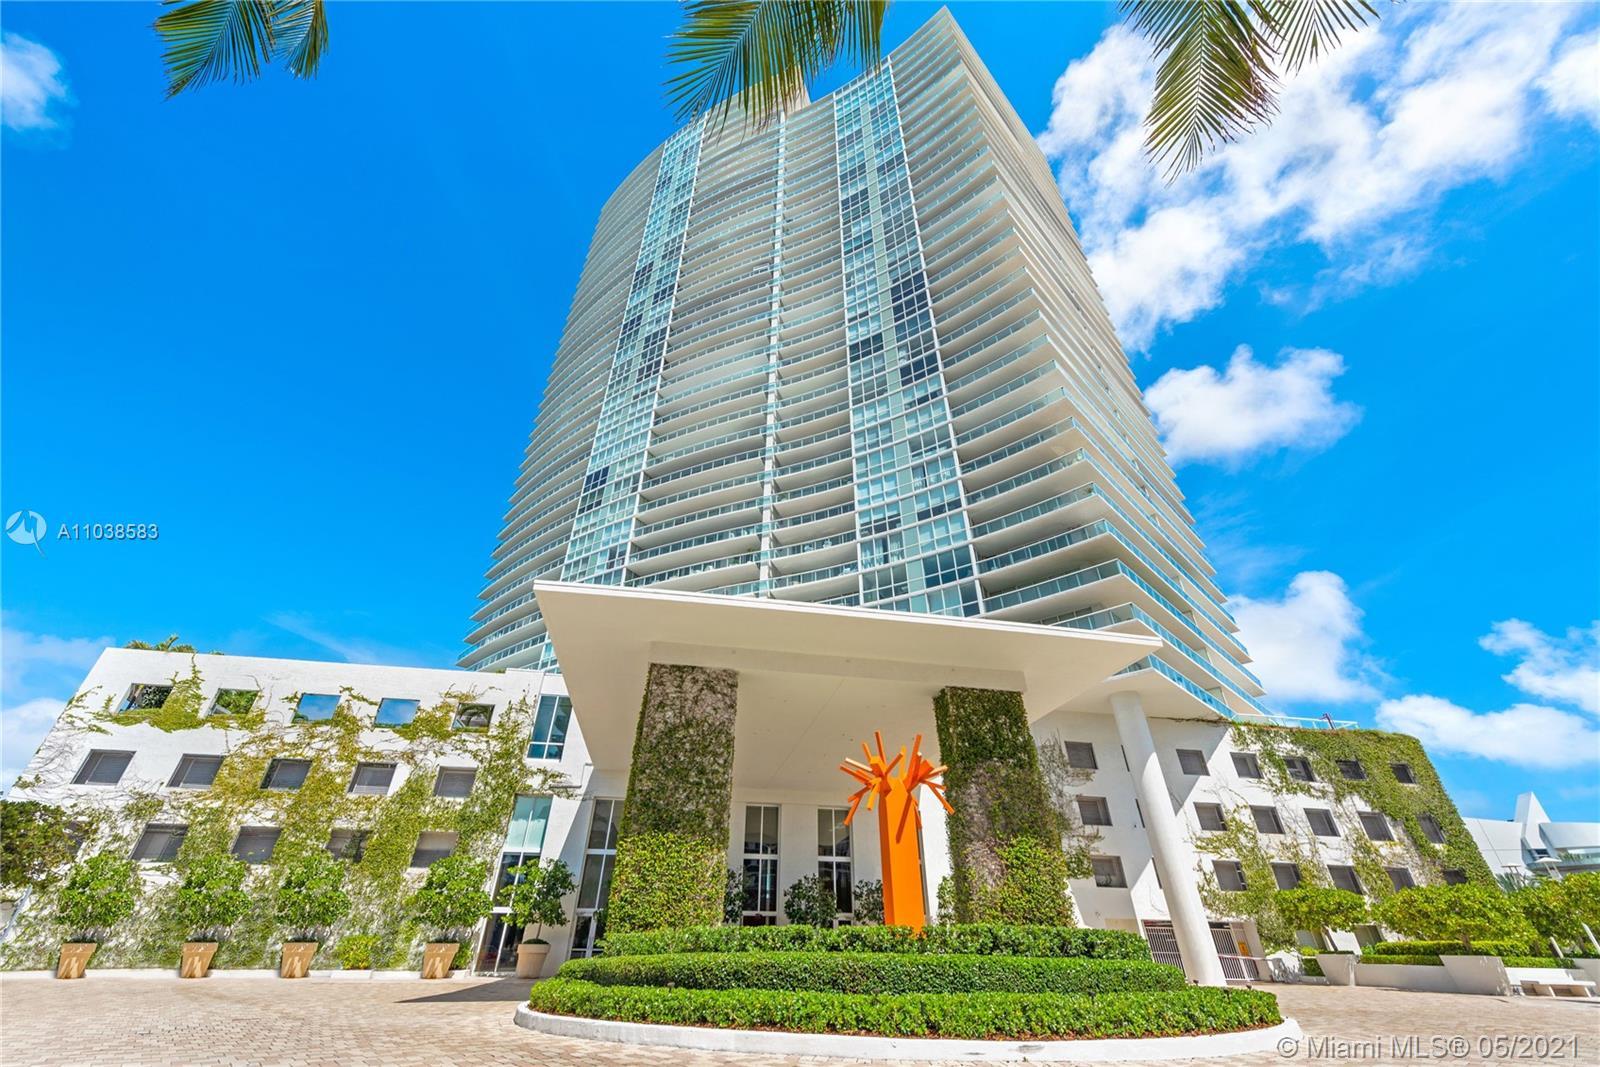 Photo of 450 Alton Rd #801, Miami Beach, Florida, 33139 -